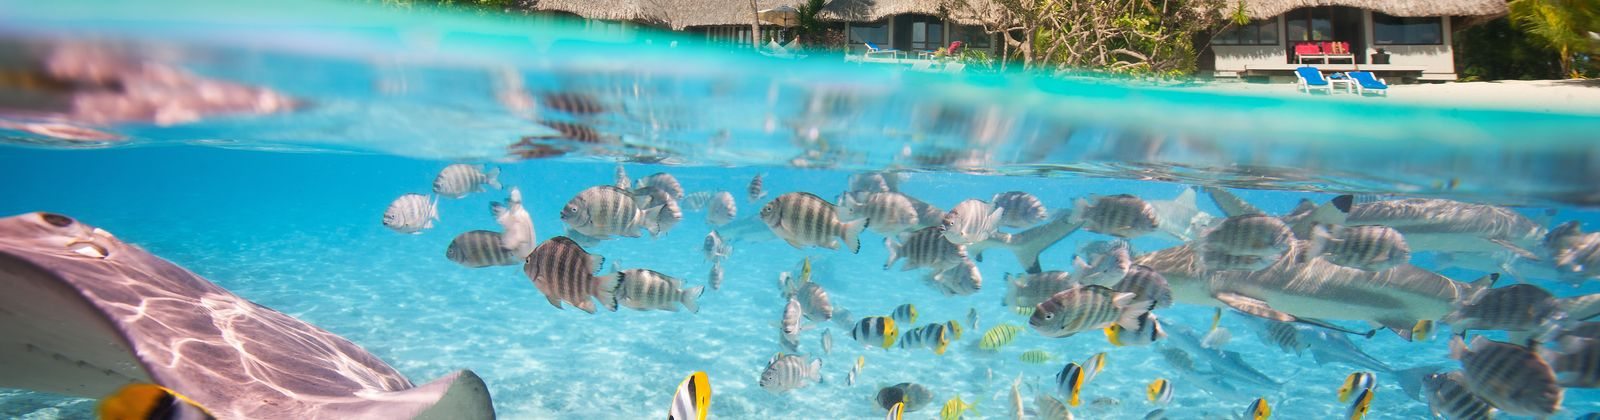 Los mejores hoteles bajo el agua de dub i a las maldivas for Imagenes de hoteles bajo el agua